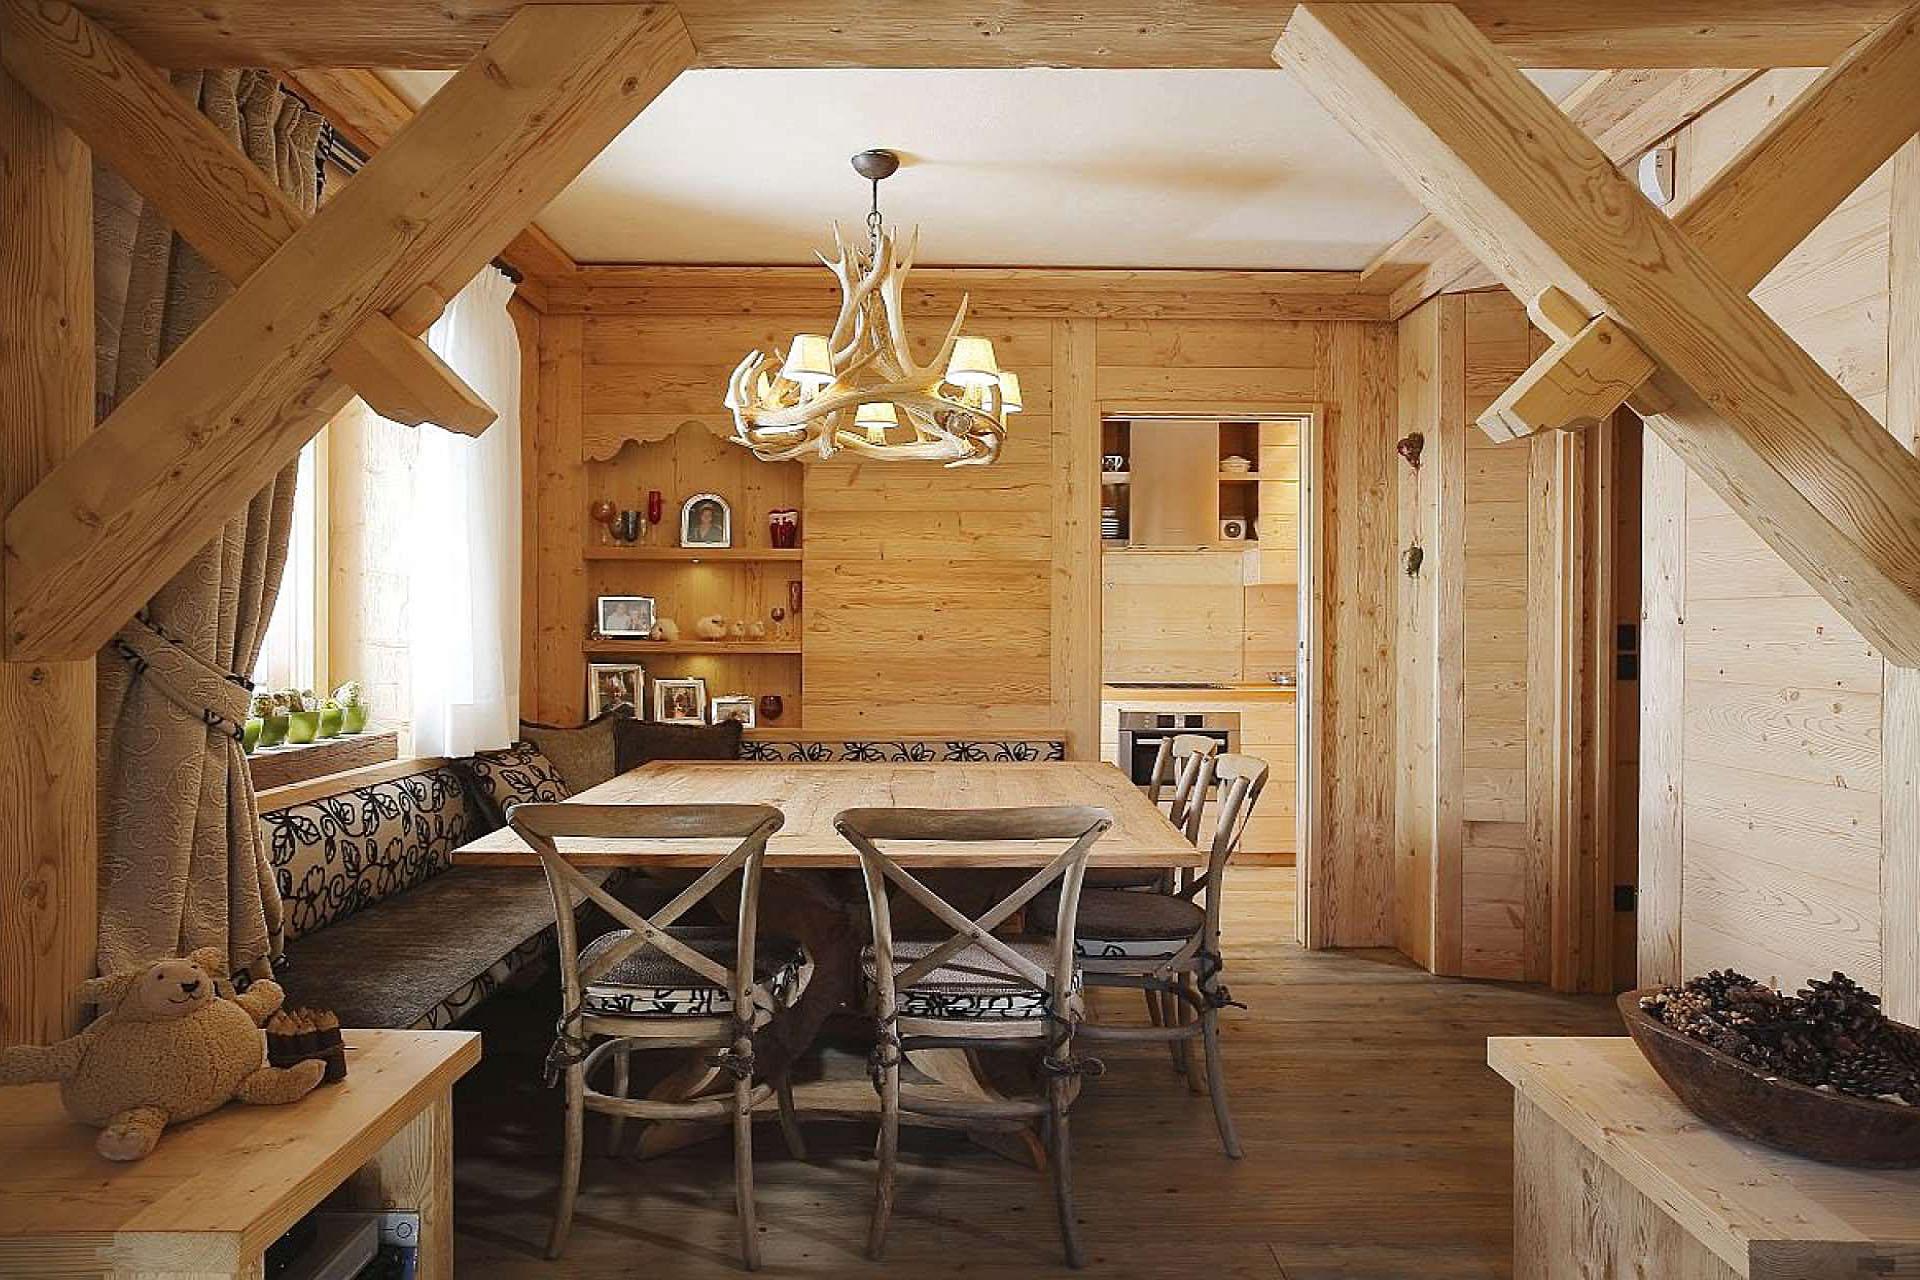 металлочерепицы популярный дизайн деревенского дома внутри своими руками фото колорирование выполняют